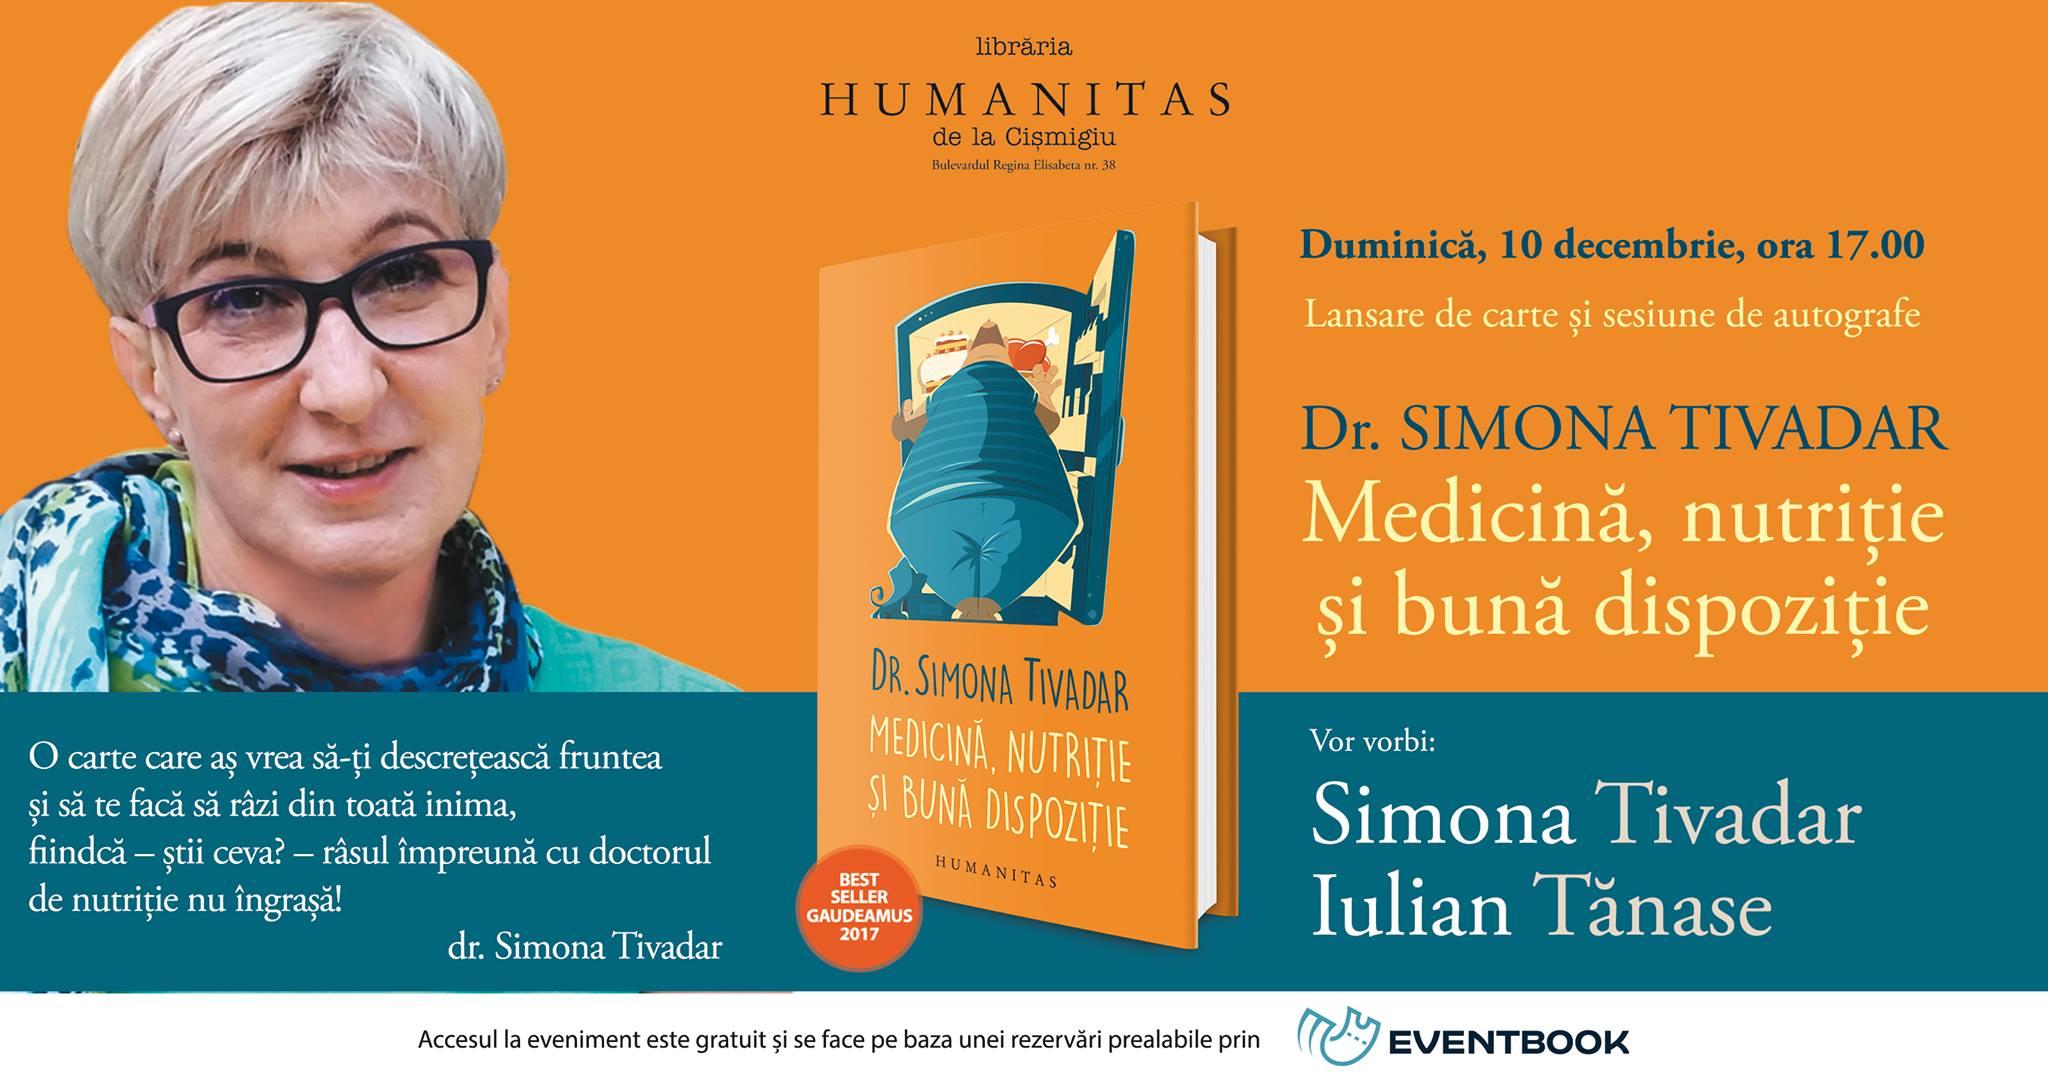 Medicină, nutriție și bună dispoziție cu Simona Tivadar